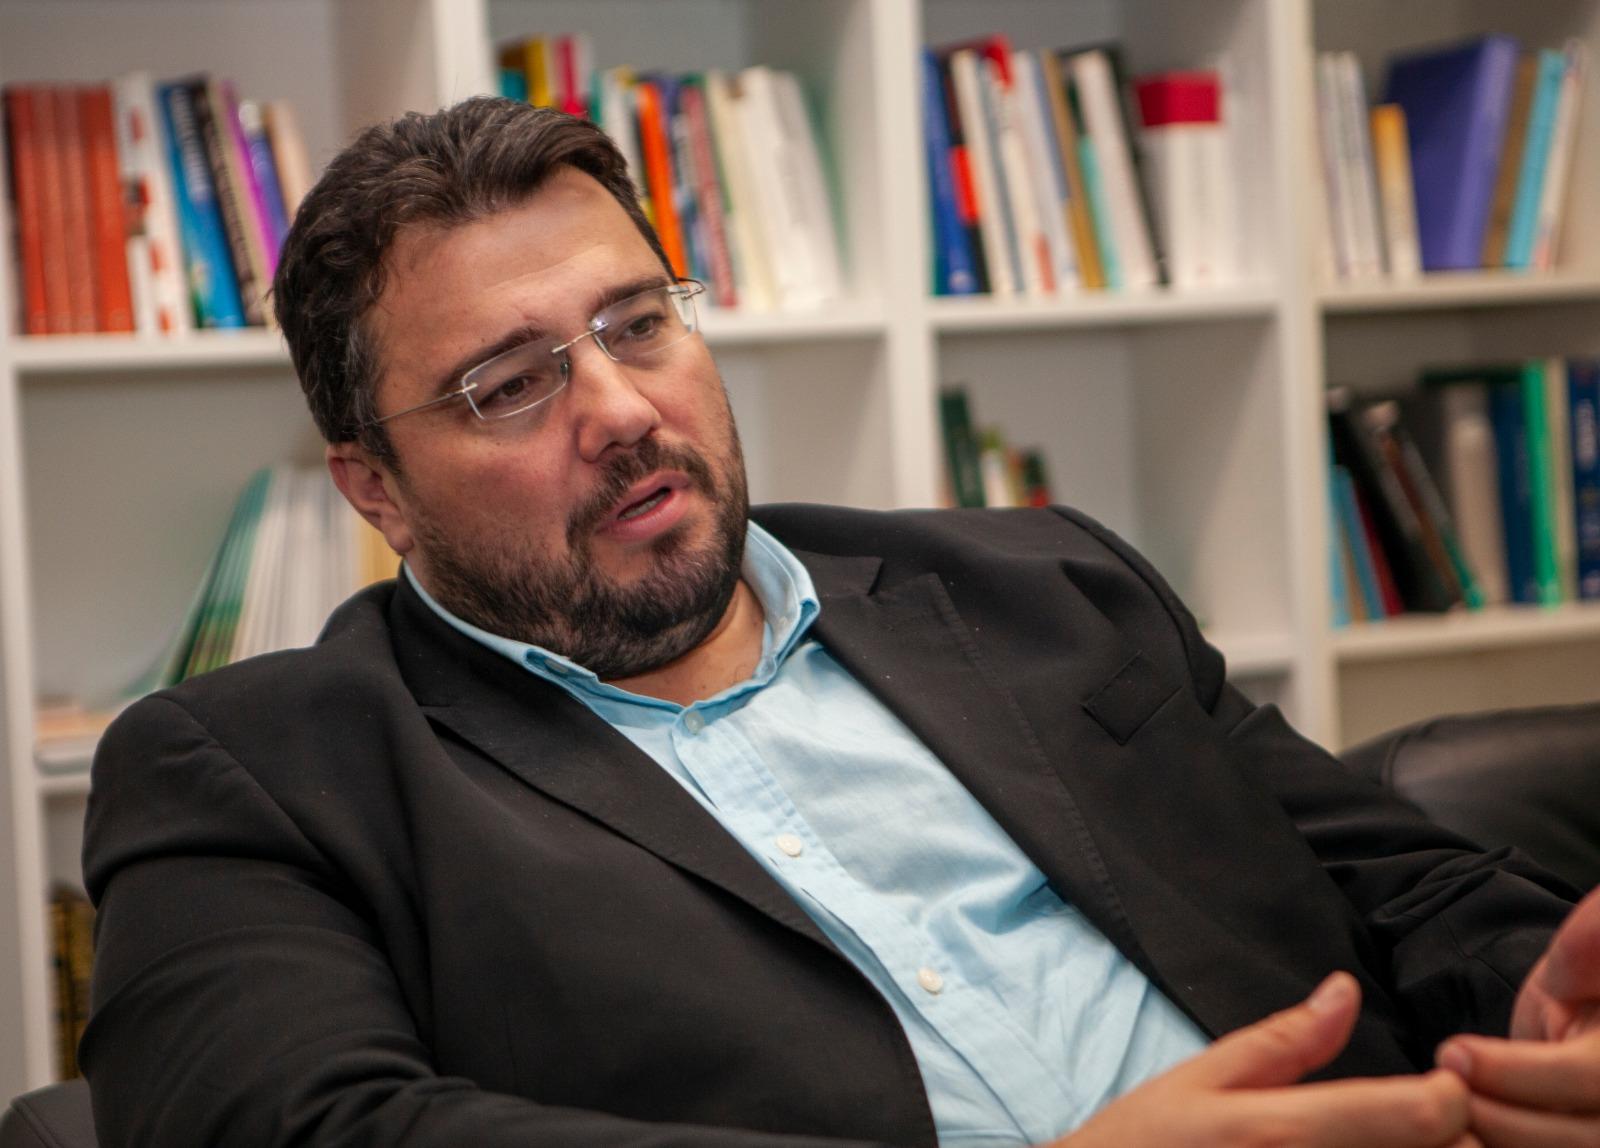 İslam Toplumu Millî Görüş (IGMG) Kurumsal İletişim Başkanı Osman Yusuf